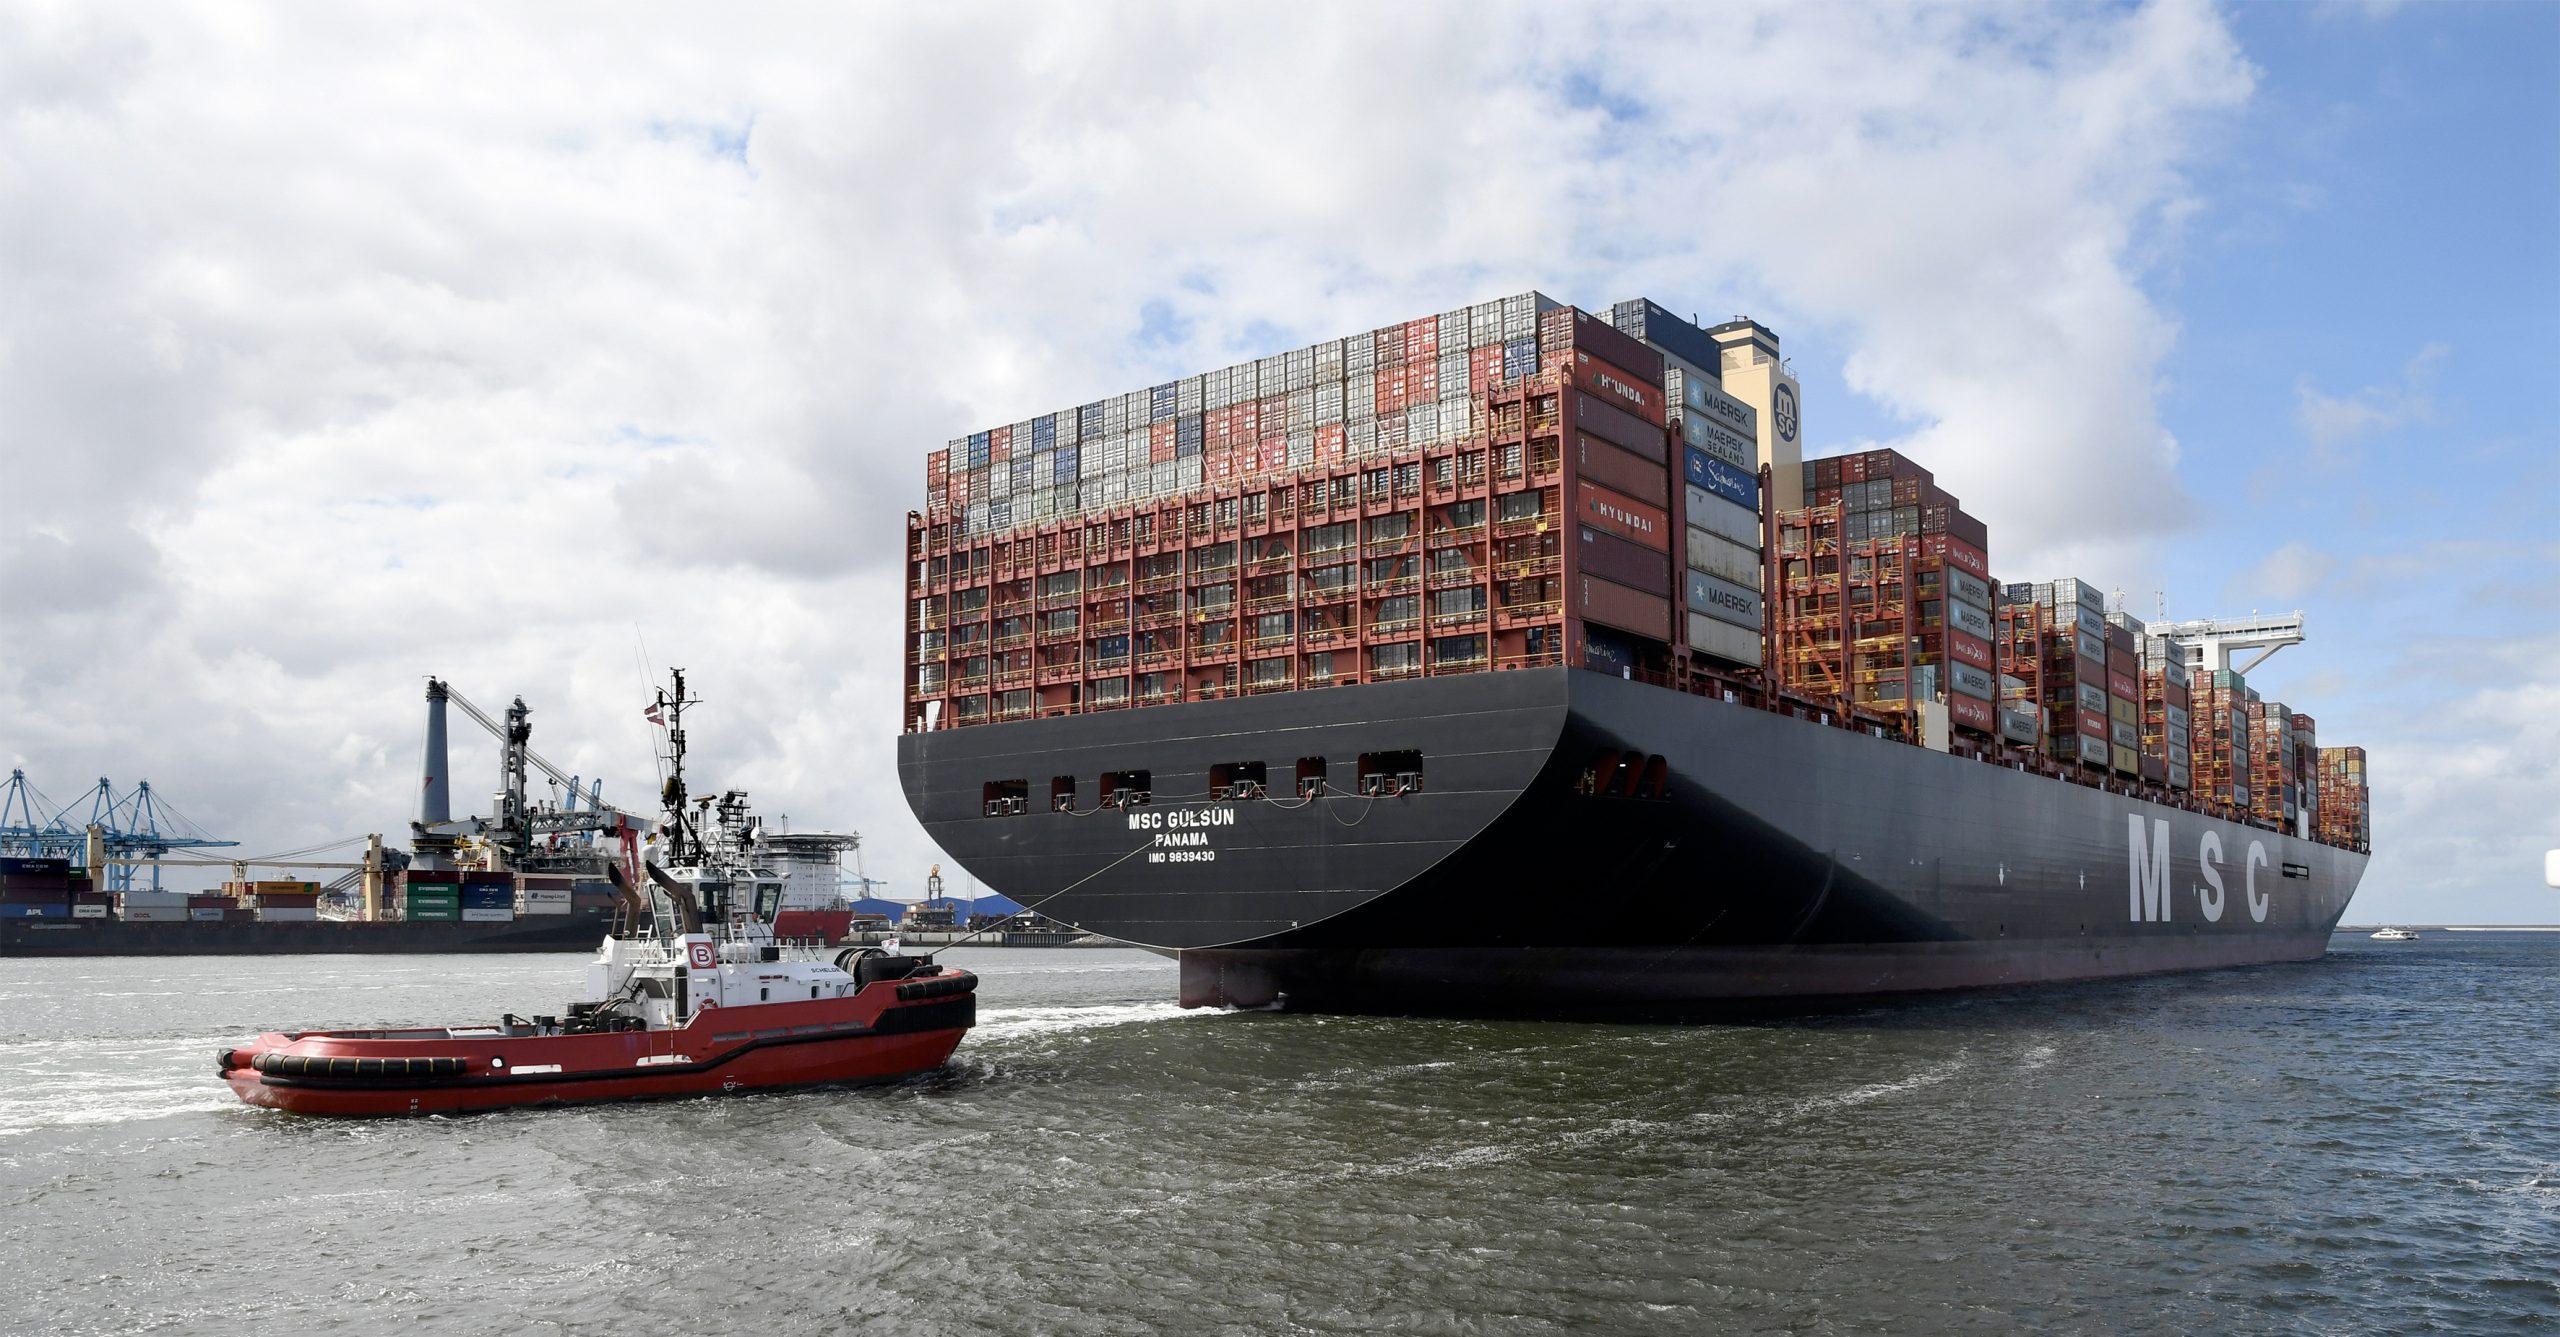 Het MSC Gülsün arriveerde in september 2019 voor het eerst in Rotterdam. op dat moment was ze nog het grootste containerschip ter wereld. (Foto Port of Rotterdam/Ries van Wendel de Joode)